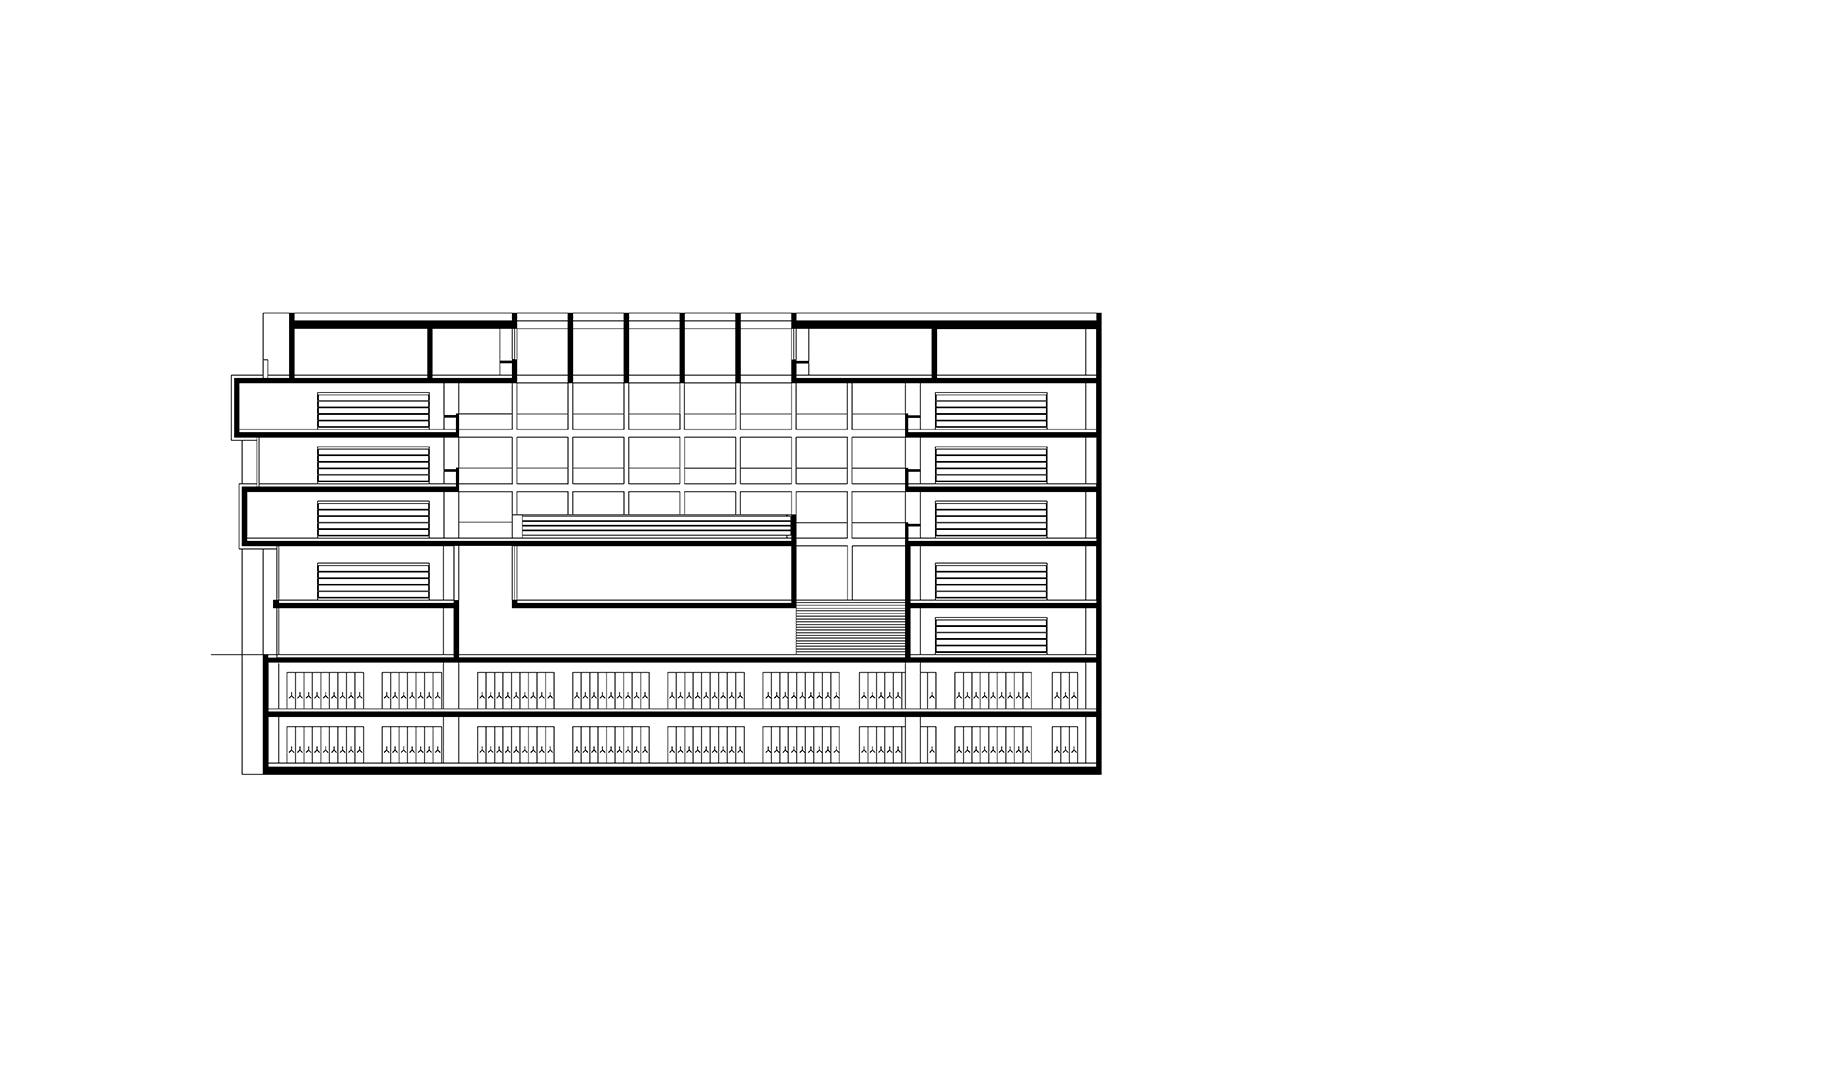 Jakob und Wilhelm Grimm Bibliothek, Berlin | Sauerzapfe Architekten